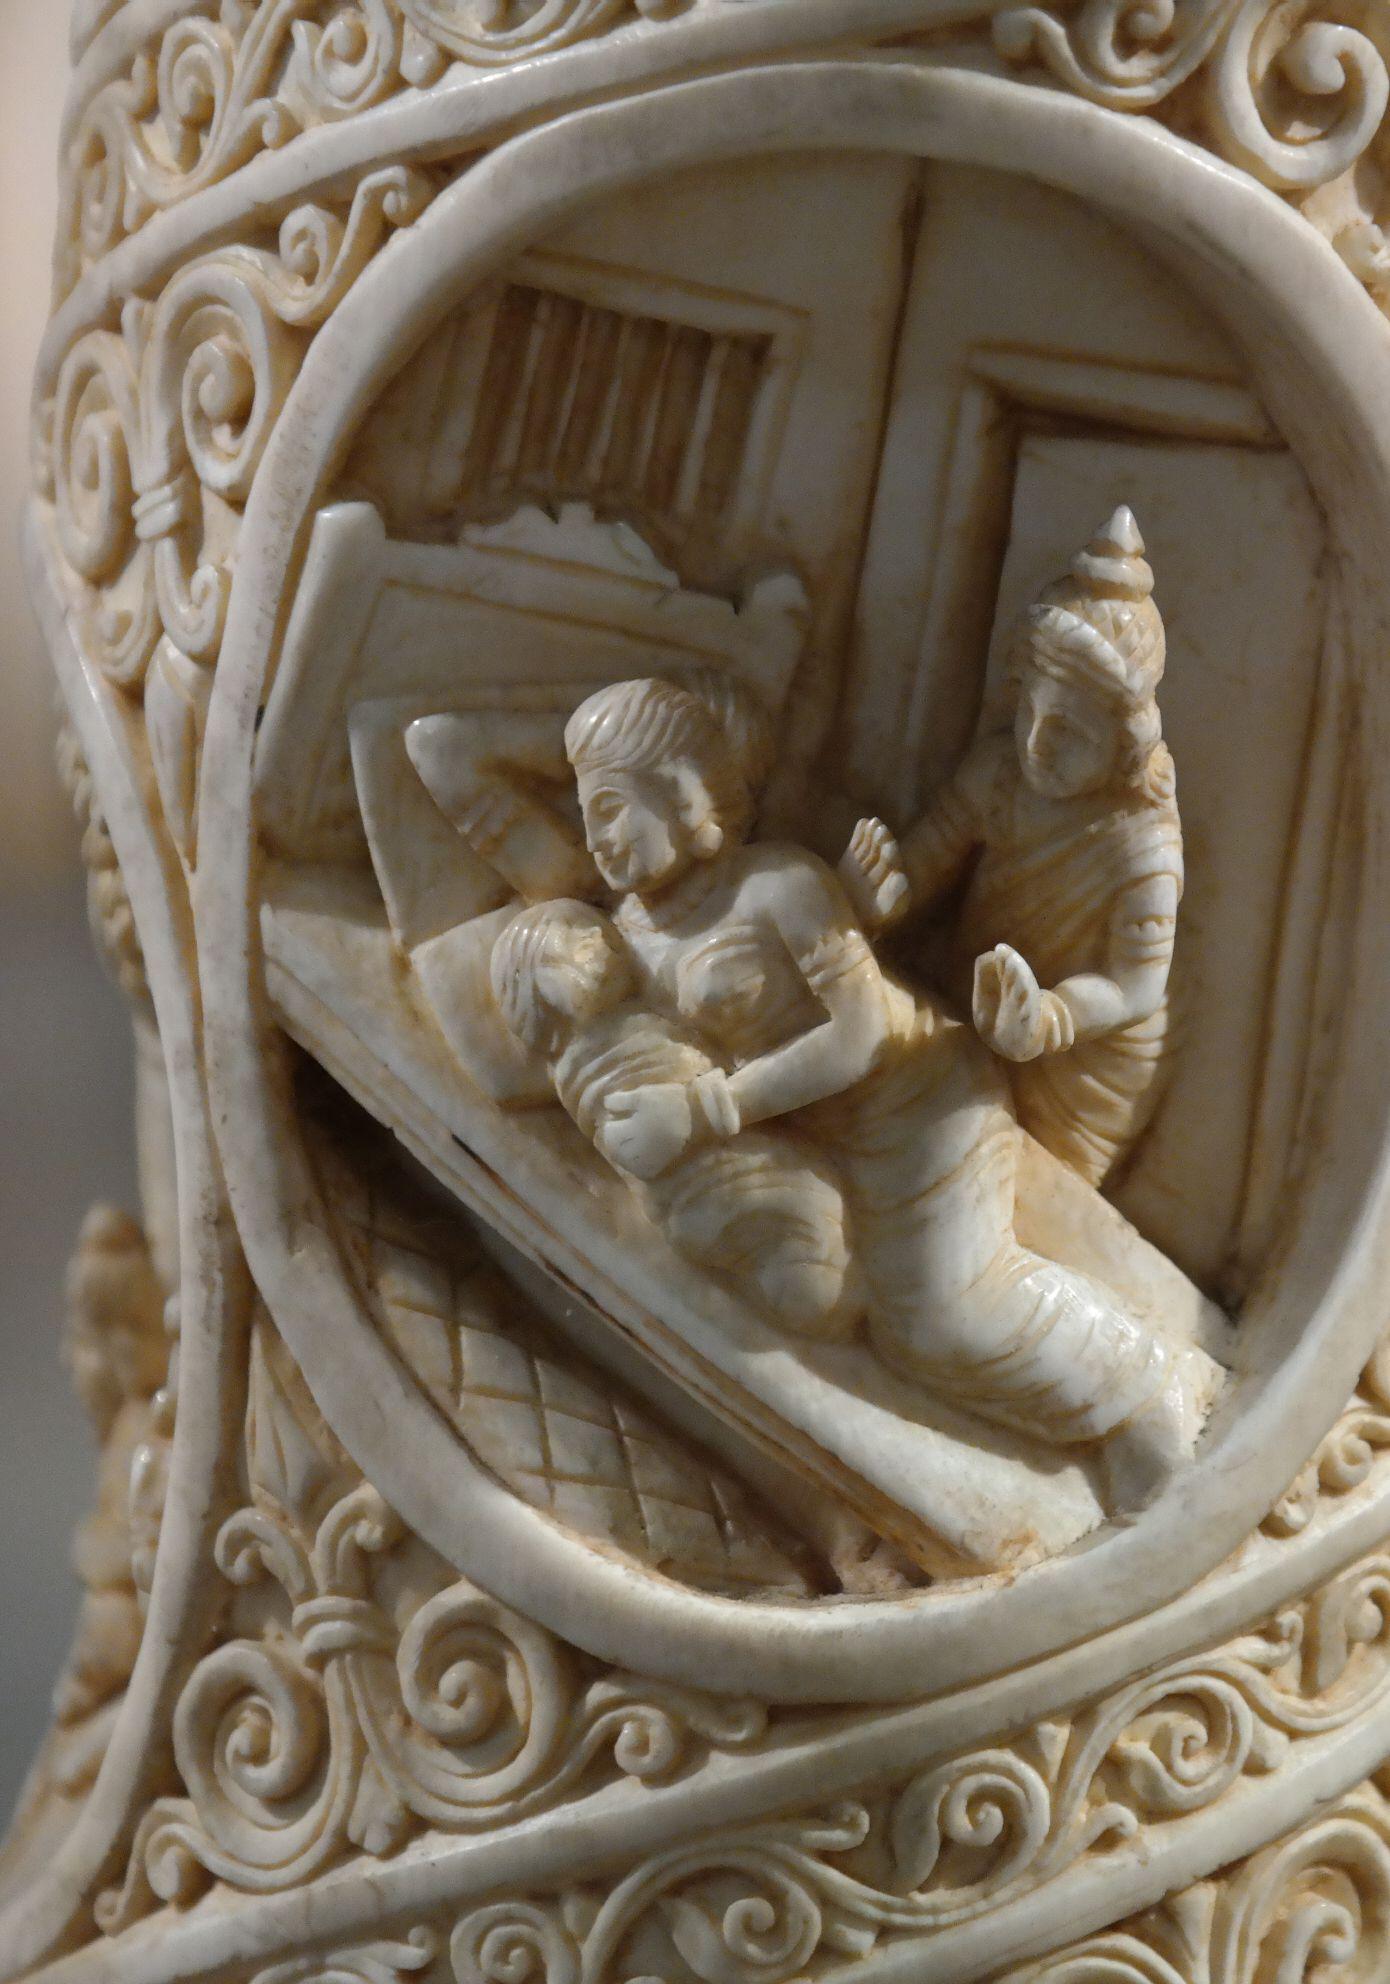 [영상] 자식 낳자마자 출가…부처님 아들 이름 '속박'이 된 이유